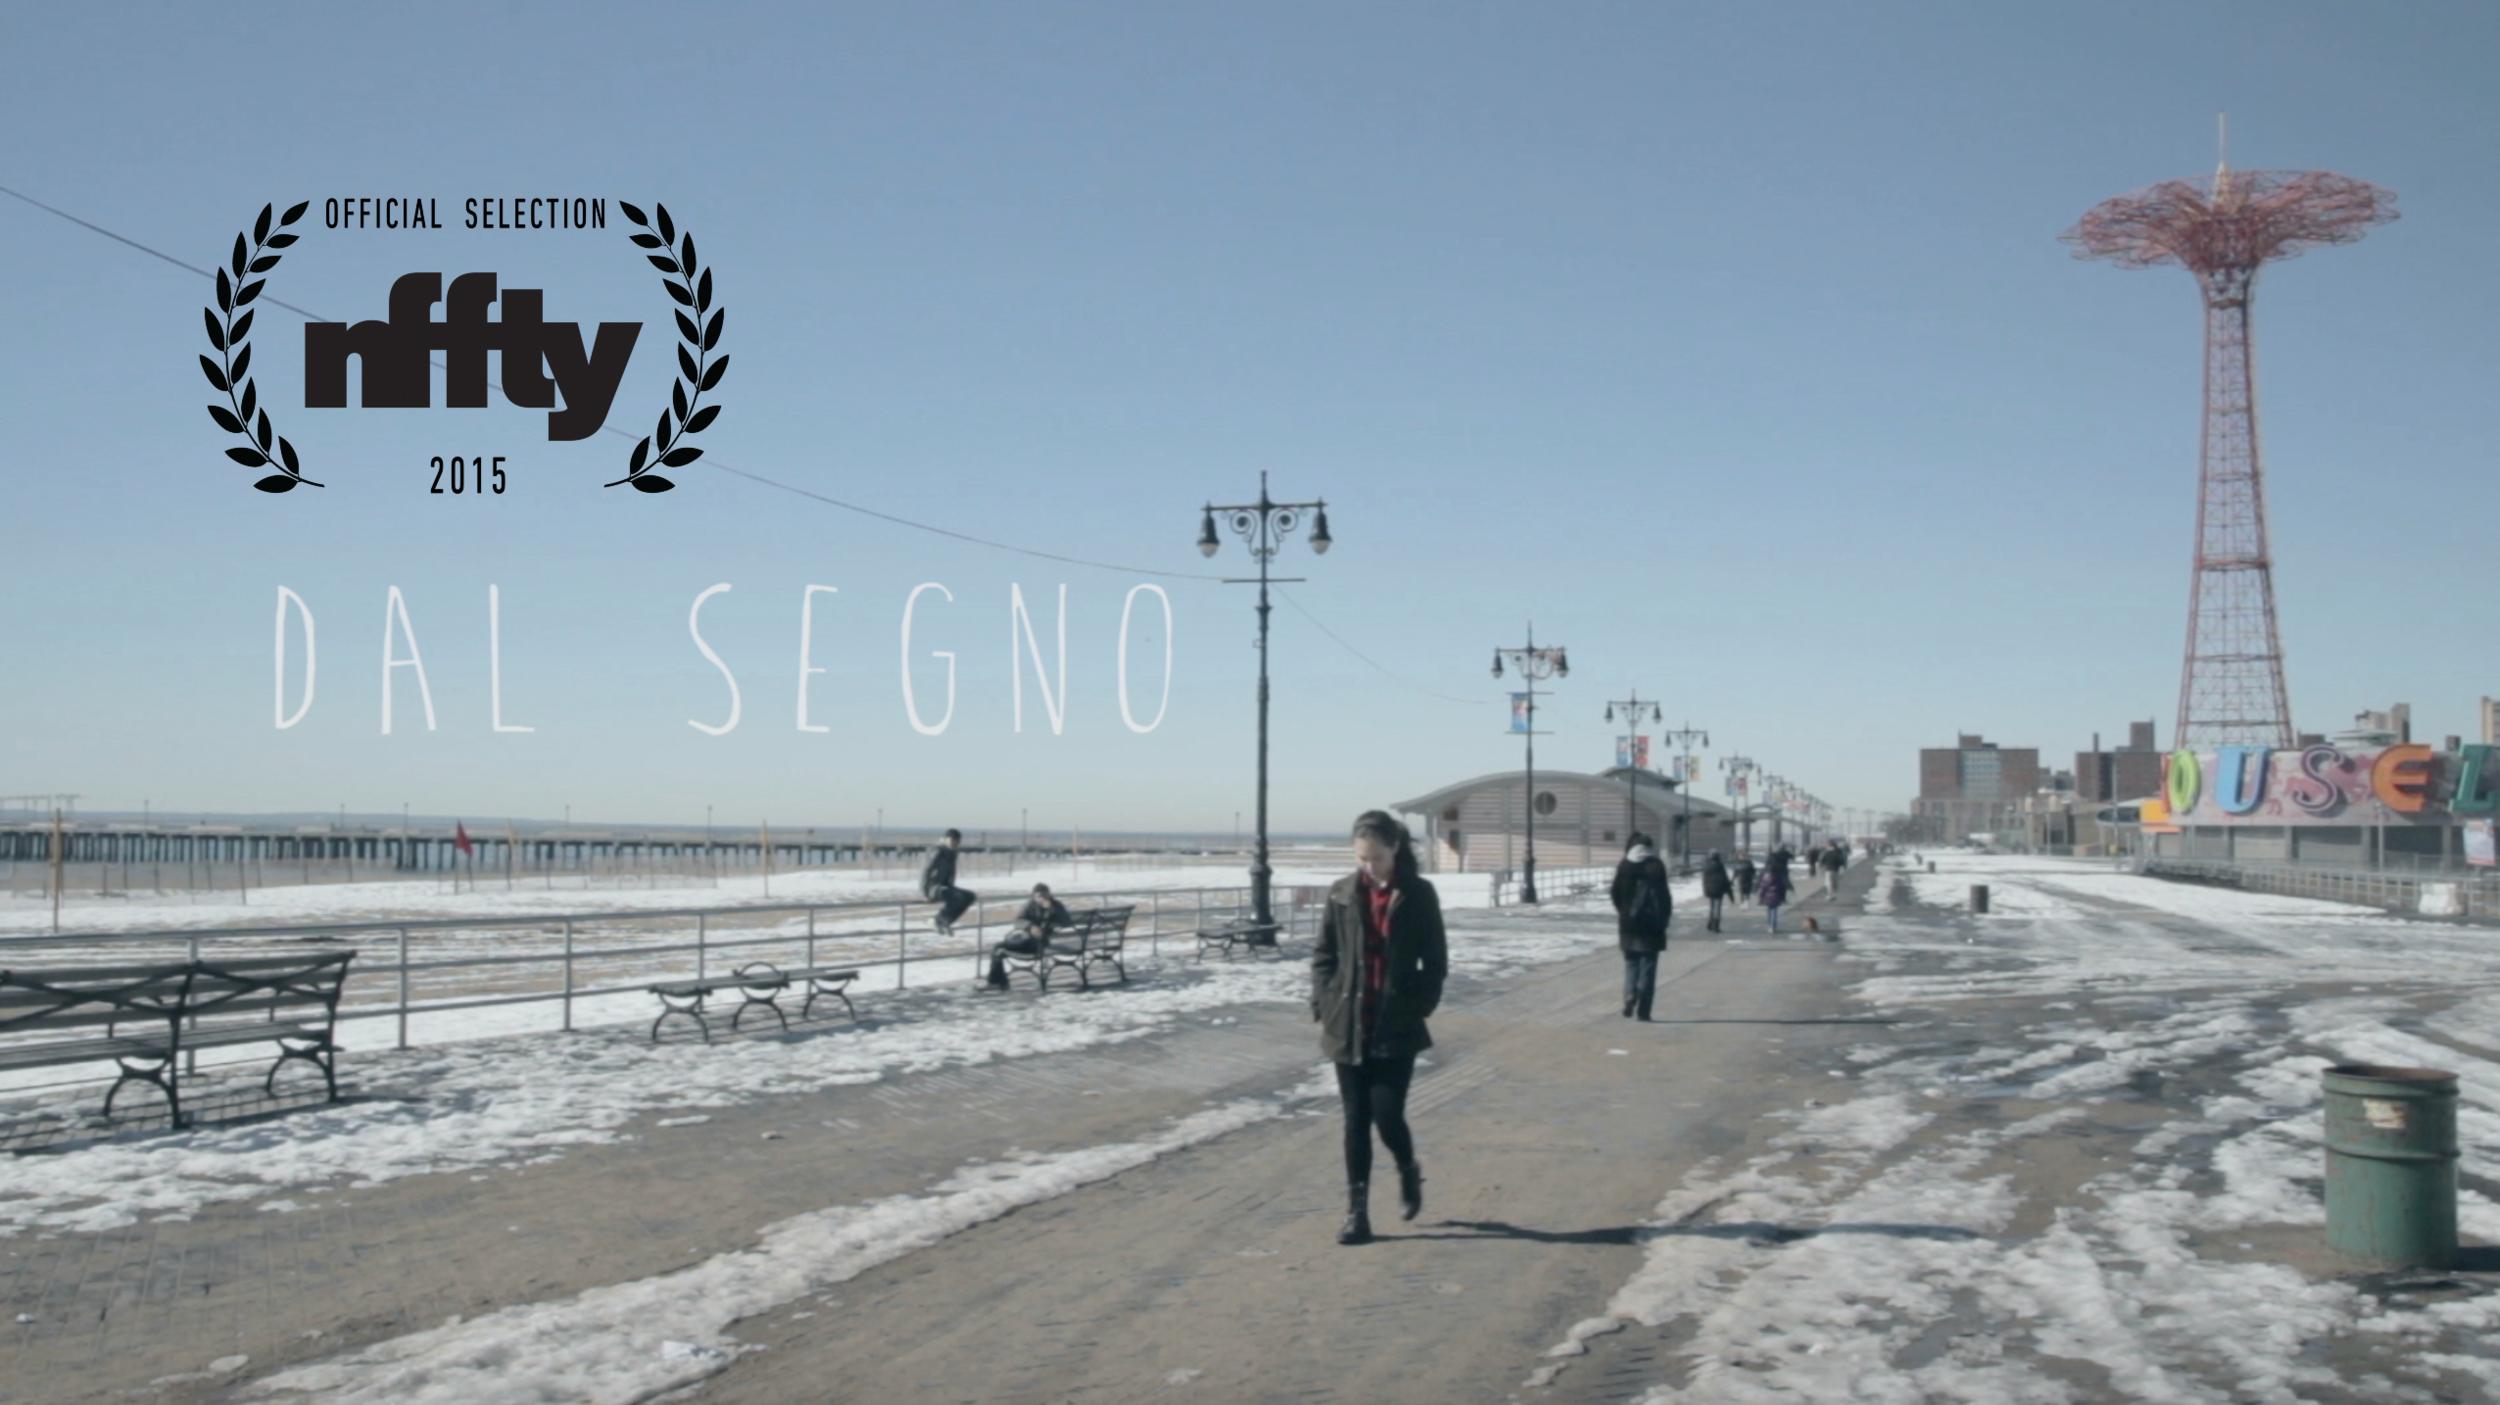 dal segno - Short Film. Co-Director.